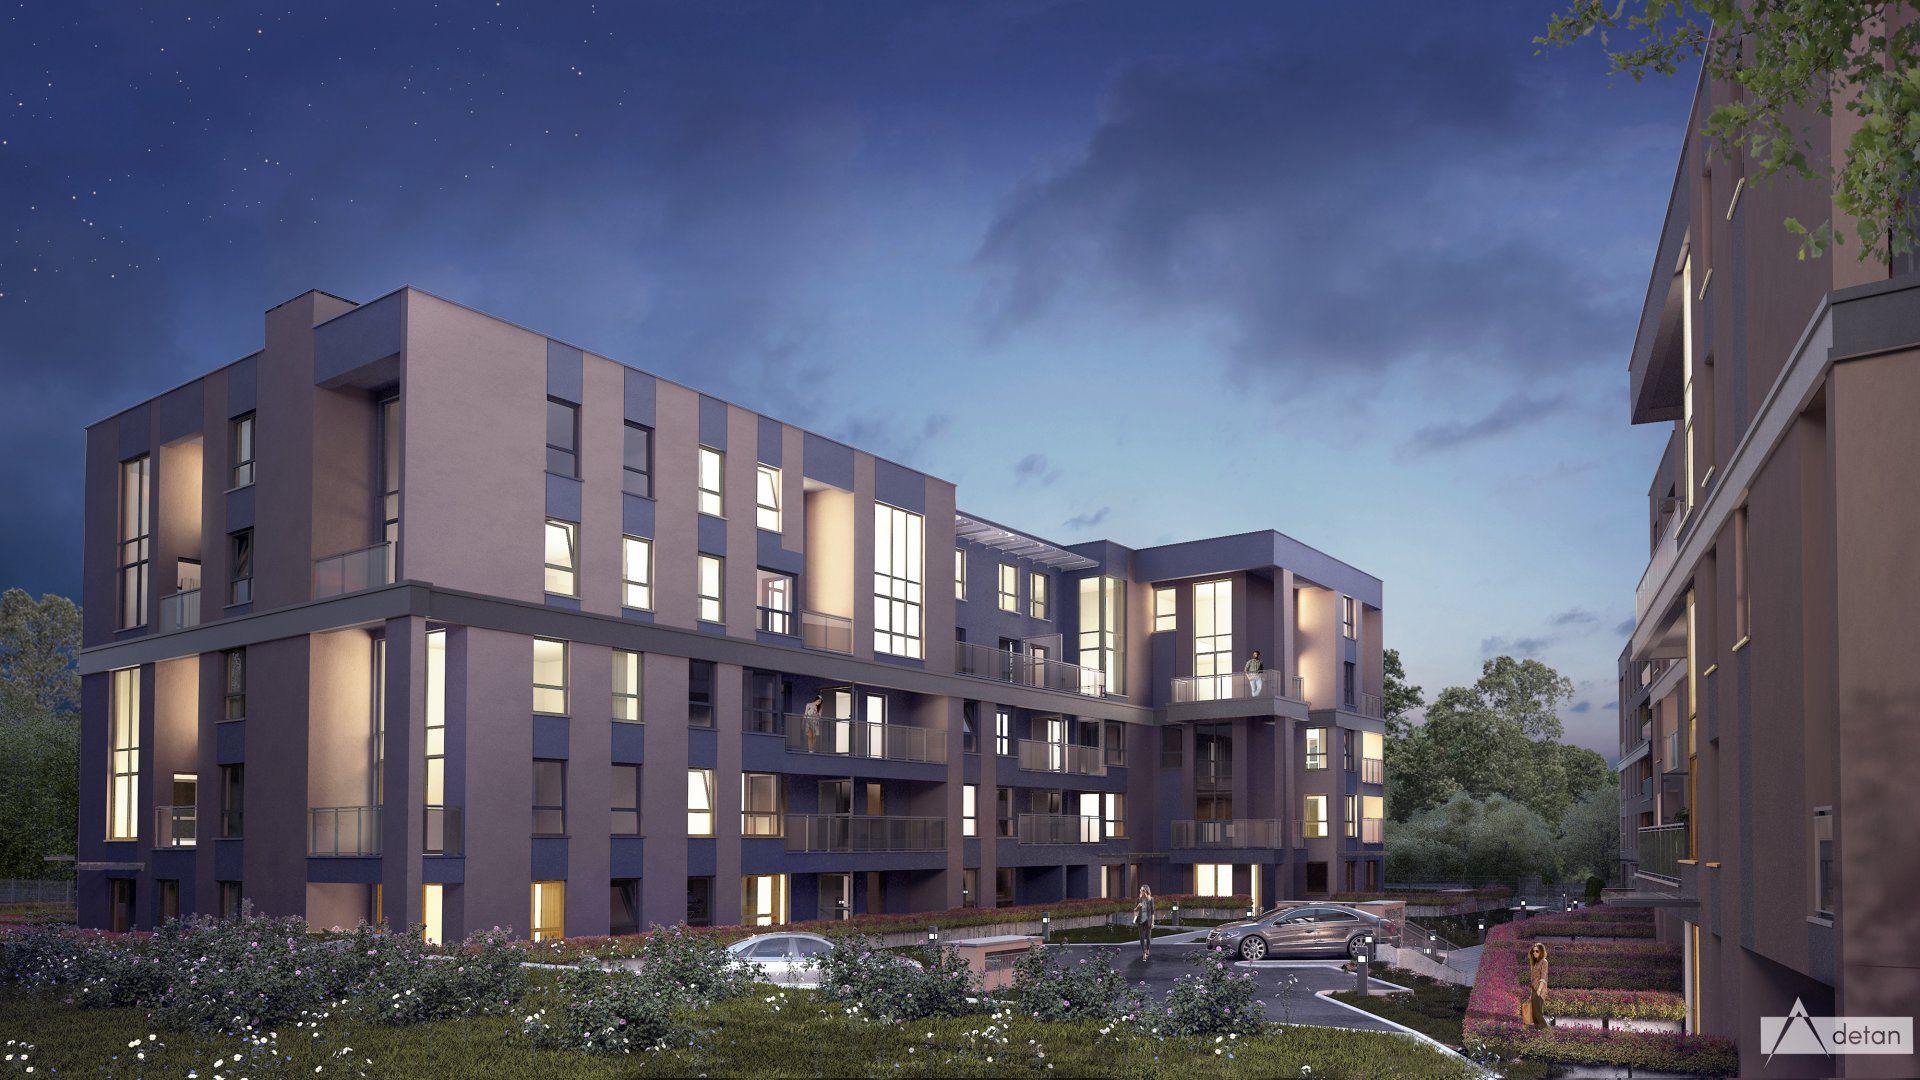 Kraków: Okulickiego-Fatimska – HSD buduje w Bieńczycach ponad 100 mieszkań, w tym dwupoziomowe [NOWE WIZUALIZACJE]